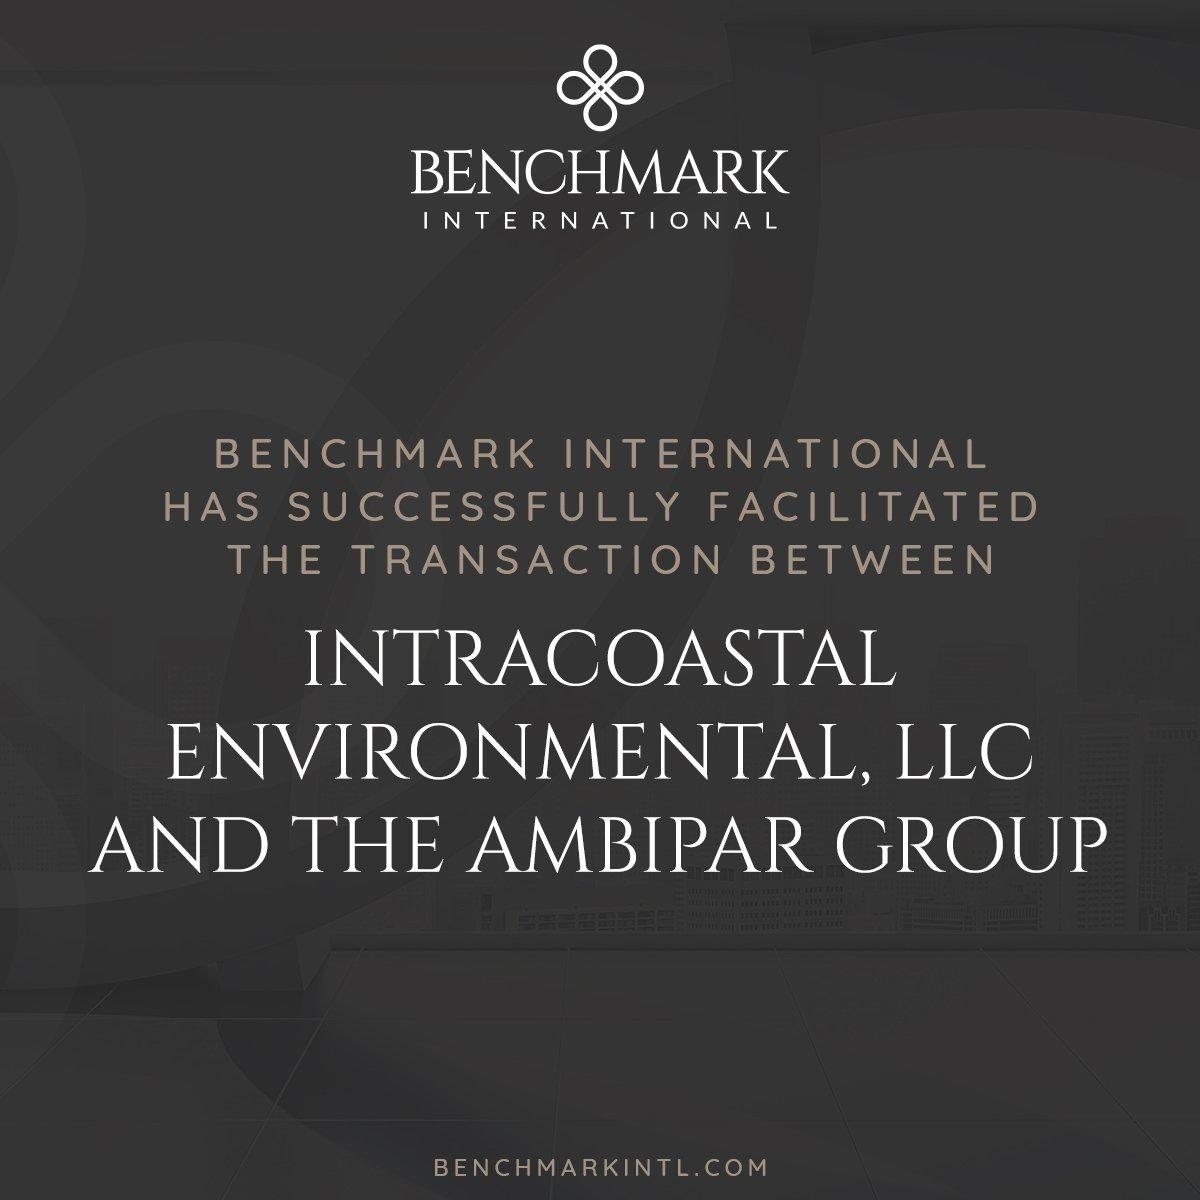 Intracoastal_Environmental_LLC_and_The_Ambipar_Group_Social (2)